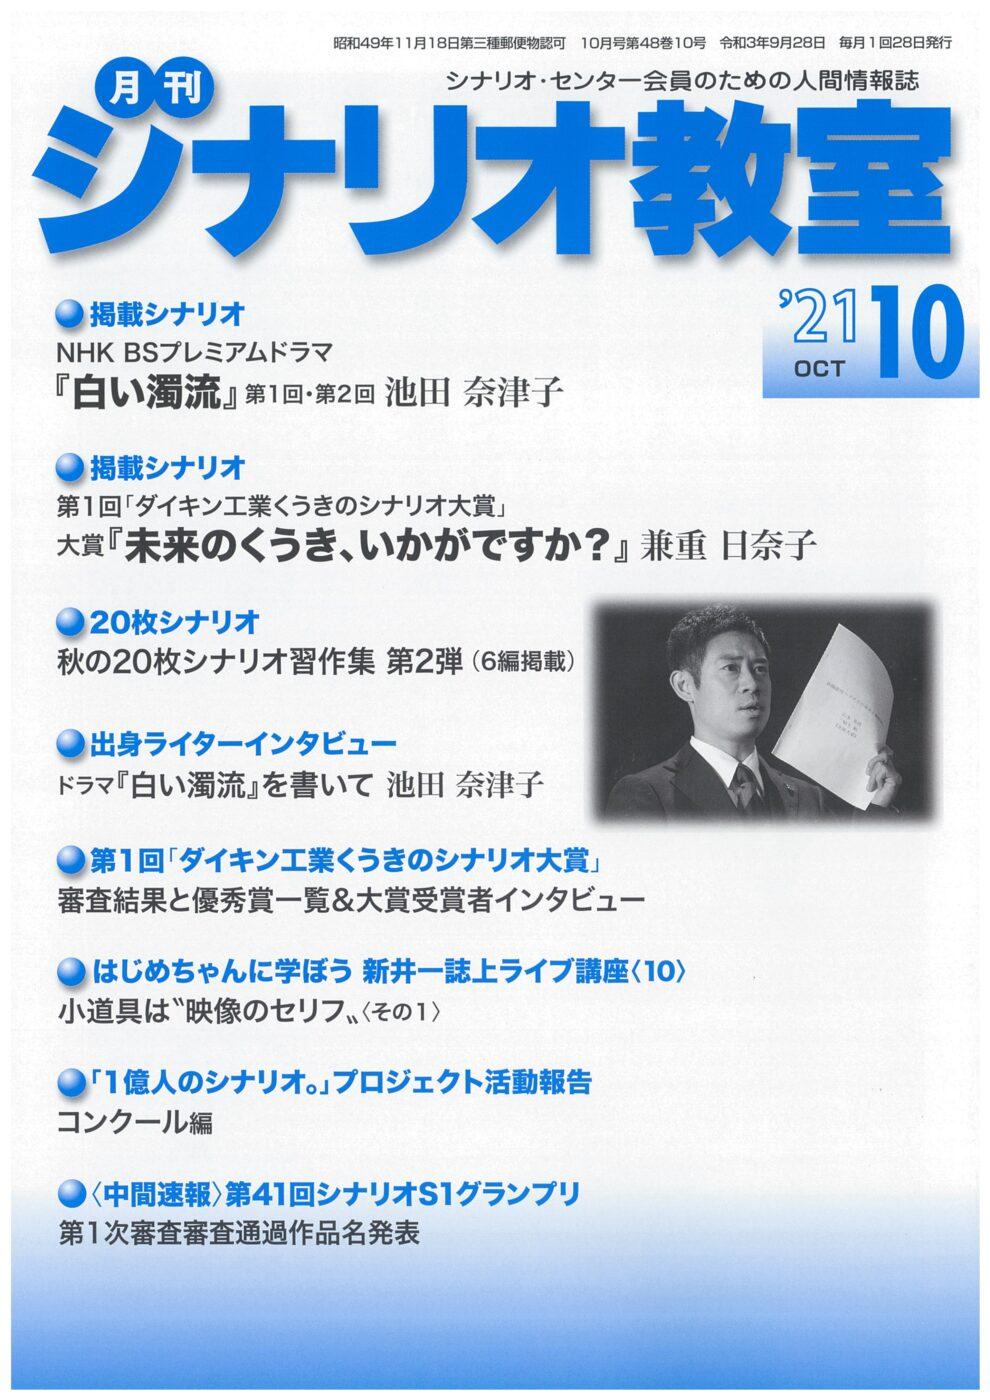 「月刊シナリオ教室」10月号